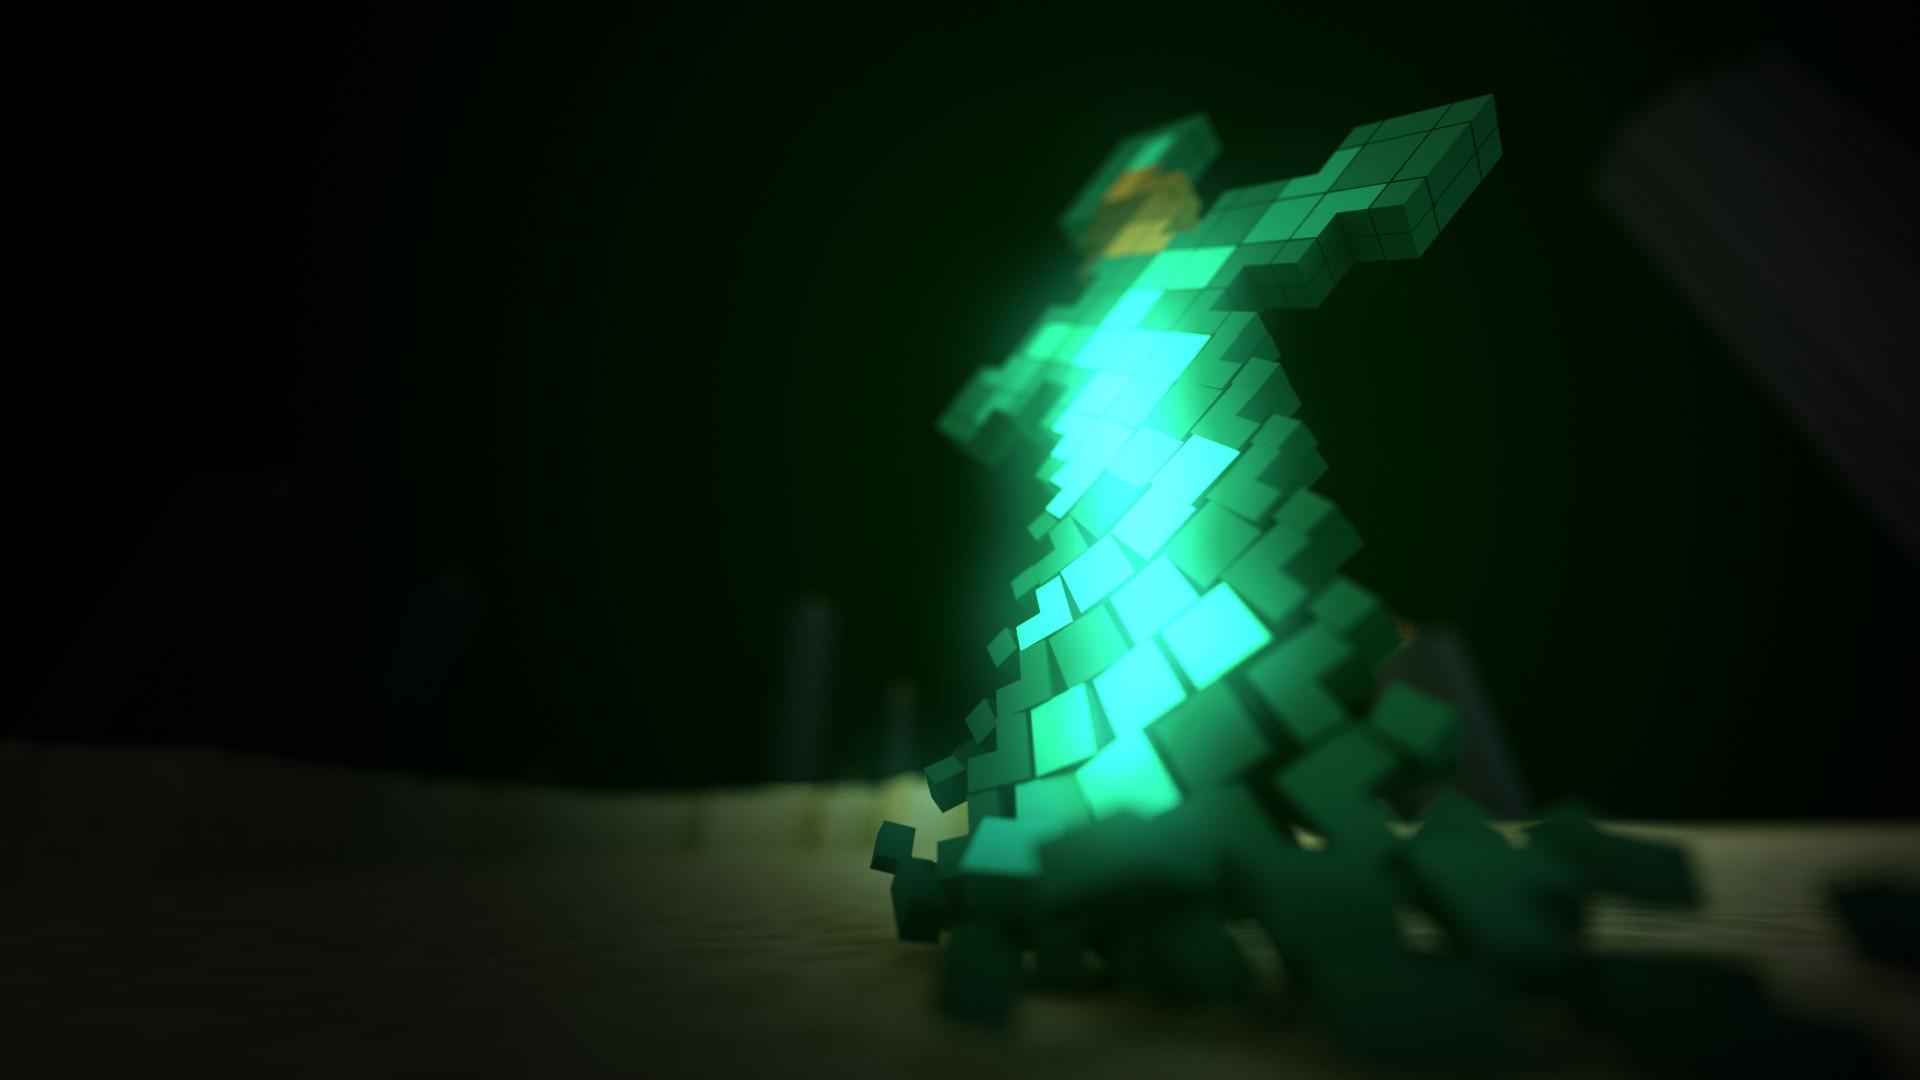 Wallpaper Video Games Minecraft Light Lighting